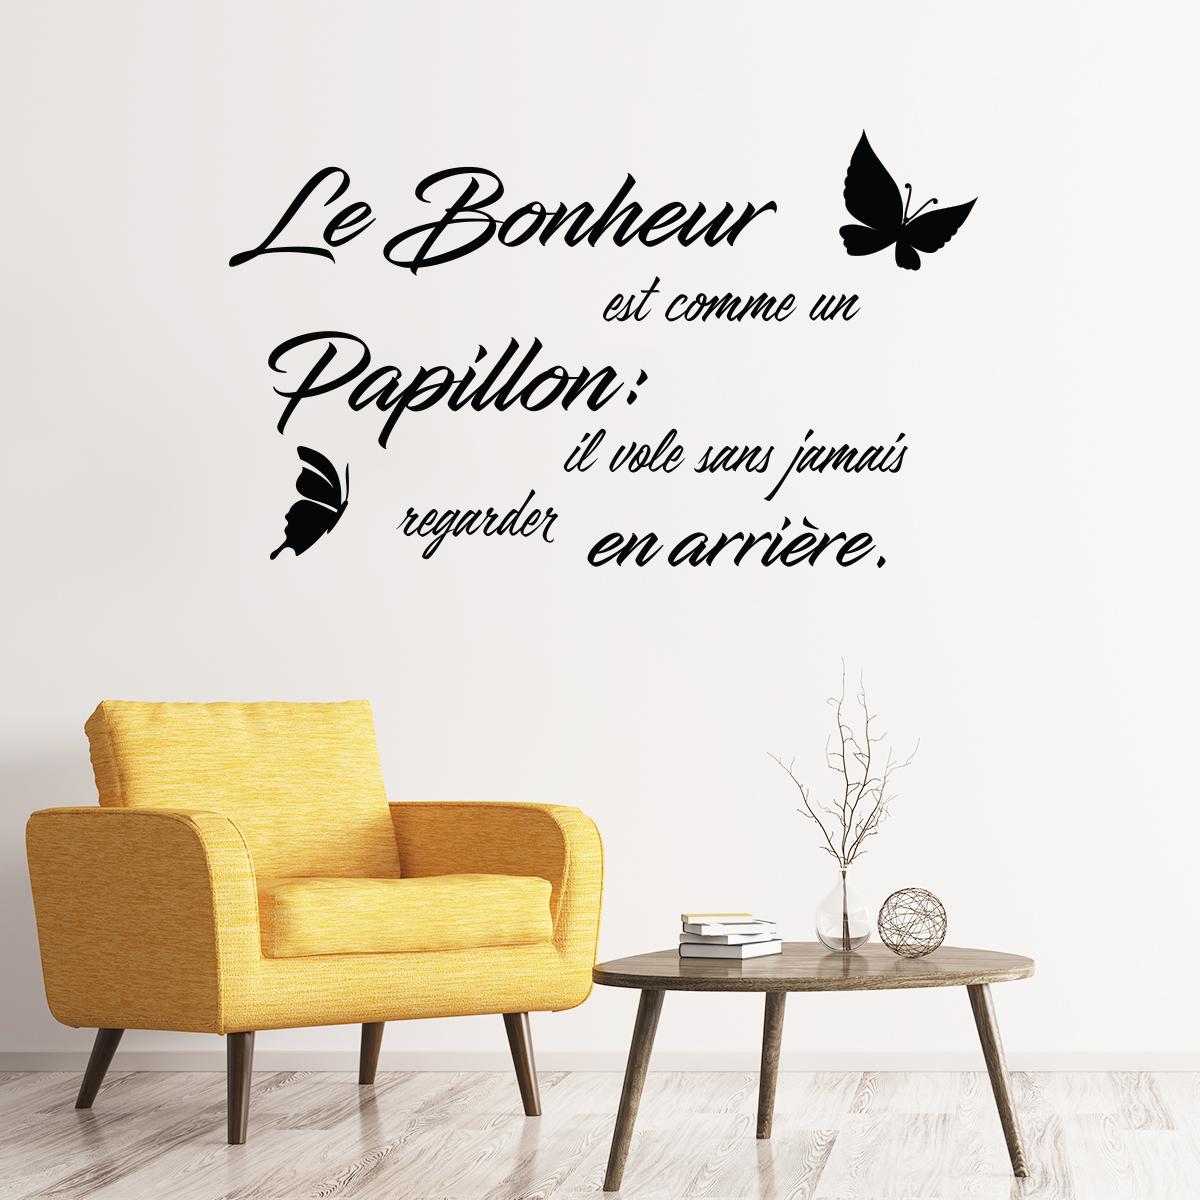 Sticker Texte Le Bonheur est comme un Papillon ...